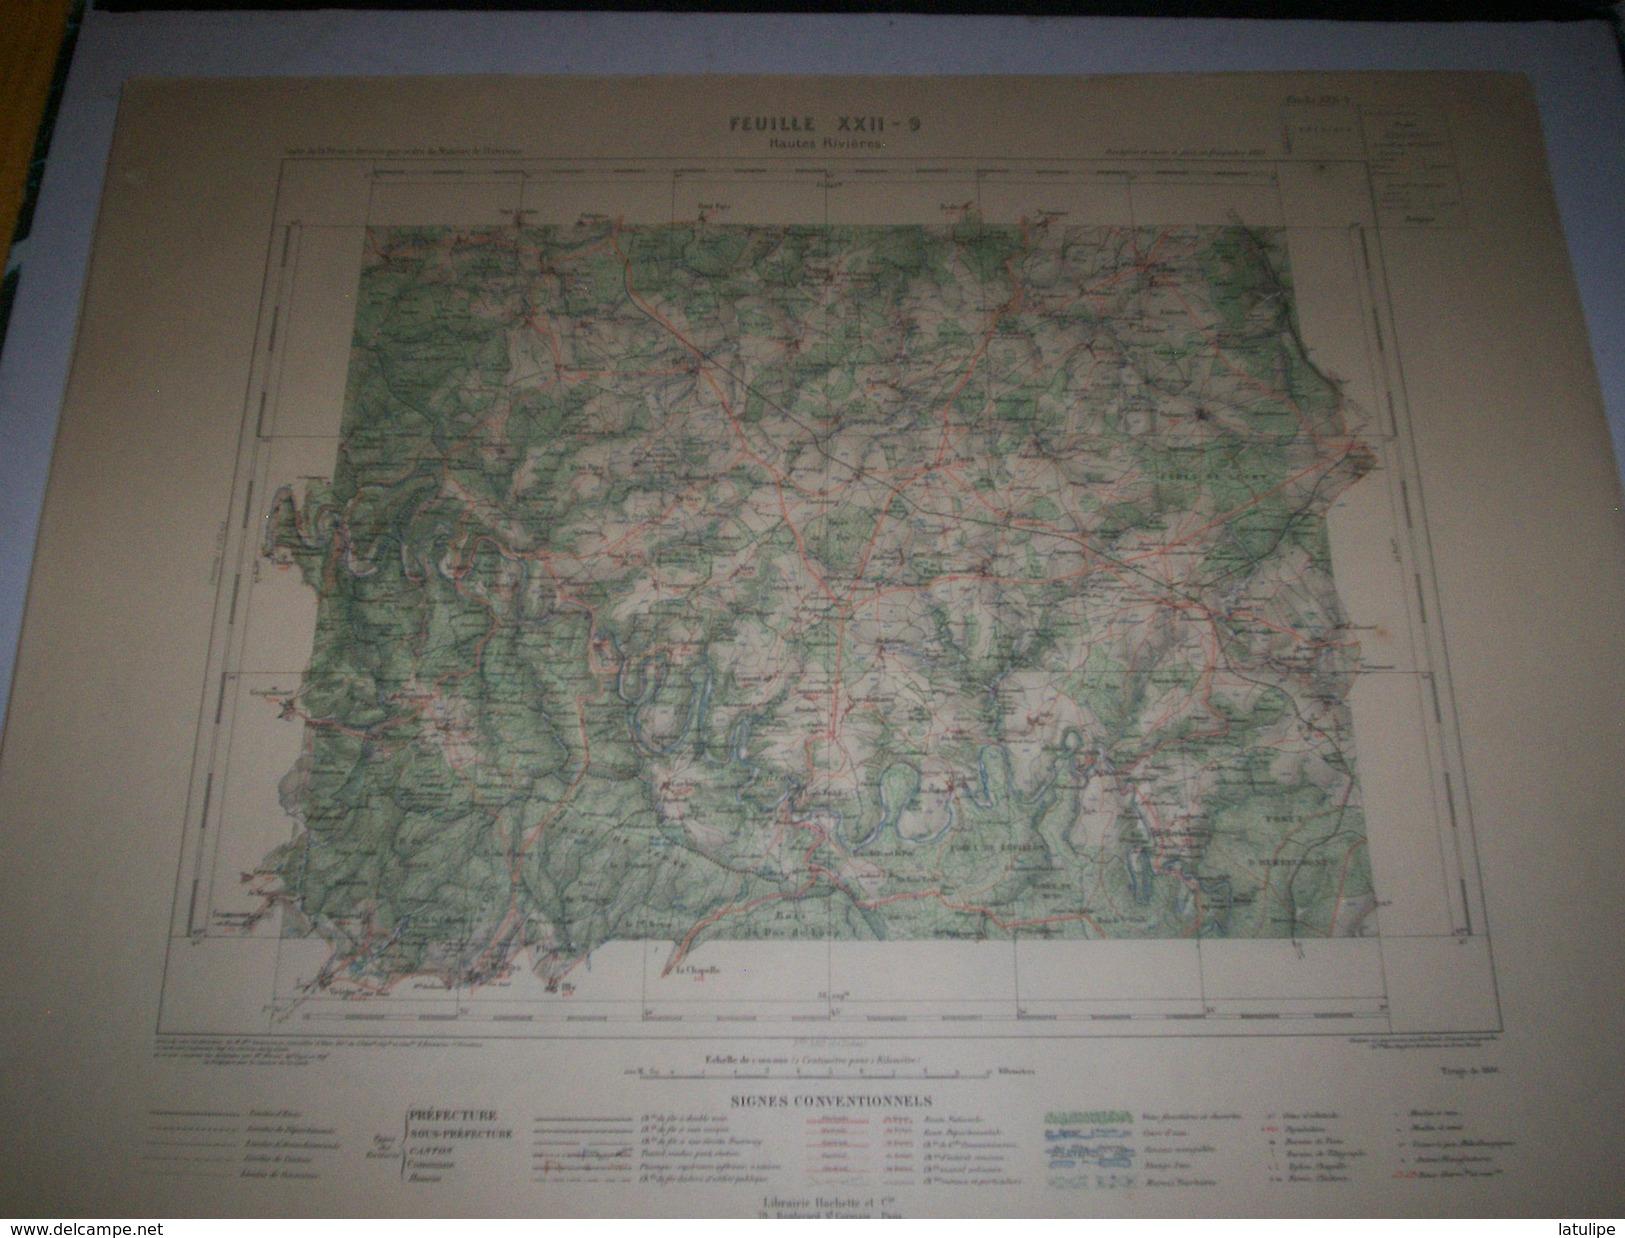 CARTE GEOGRAPHIQUE _ G - Format  45 X 57  De  ARDENNES  BELGIQUE_Feuille HAUTES-RIVIERES_XXII 9 ) En 1886 - Cartes Géographiques